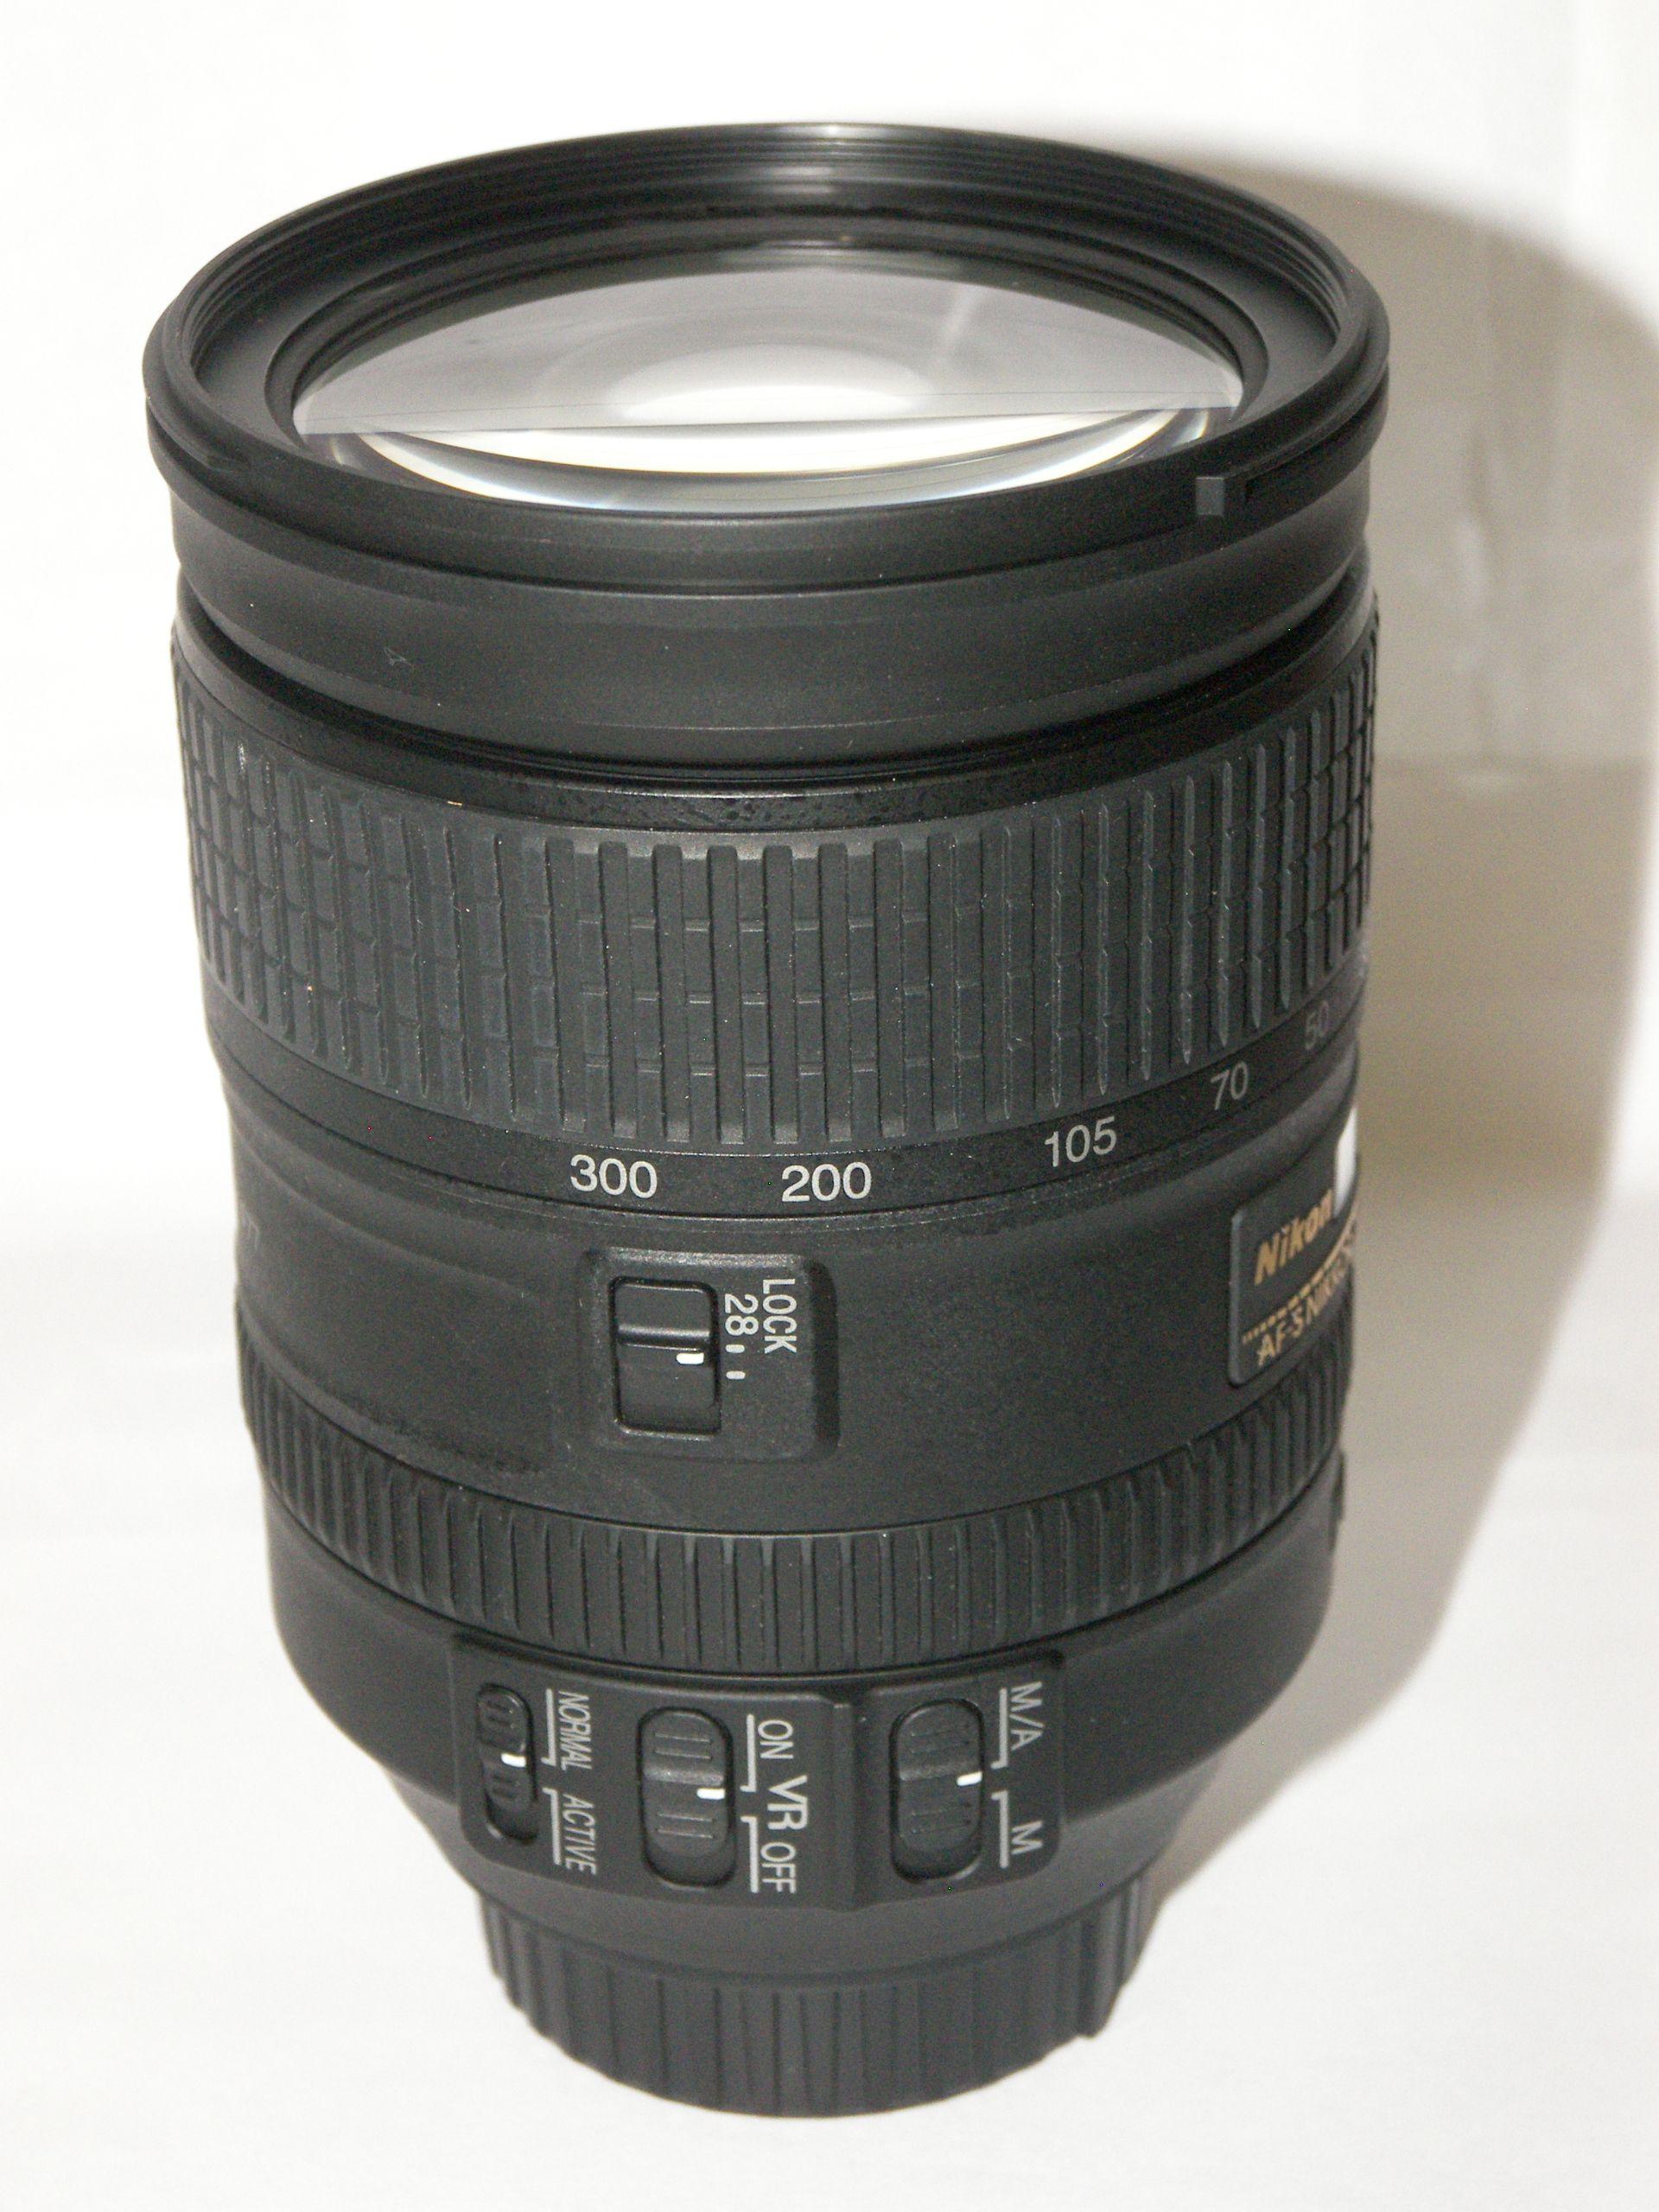 Nikon Af S Nikkor 28 300mm F 3 5 5 6g Ed Vr Lens Vr Lens Consumer Electronics Lens